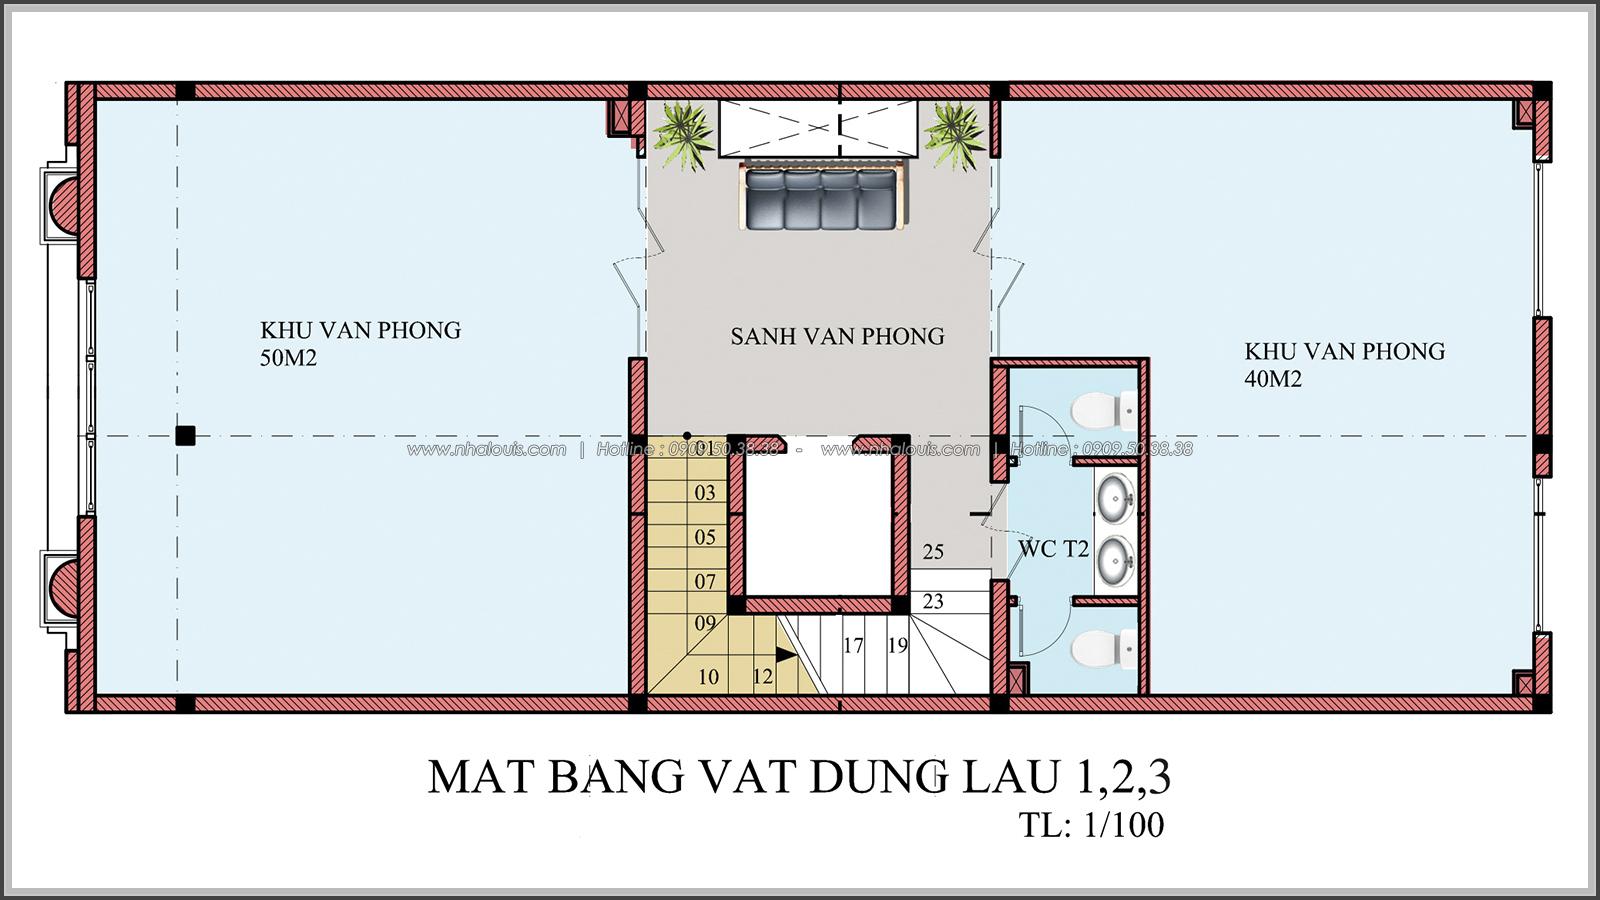 Đẳng cấp thiết kế penthouses với nội thất cực chất anh Kim quận Tân Bình - 10